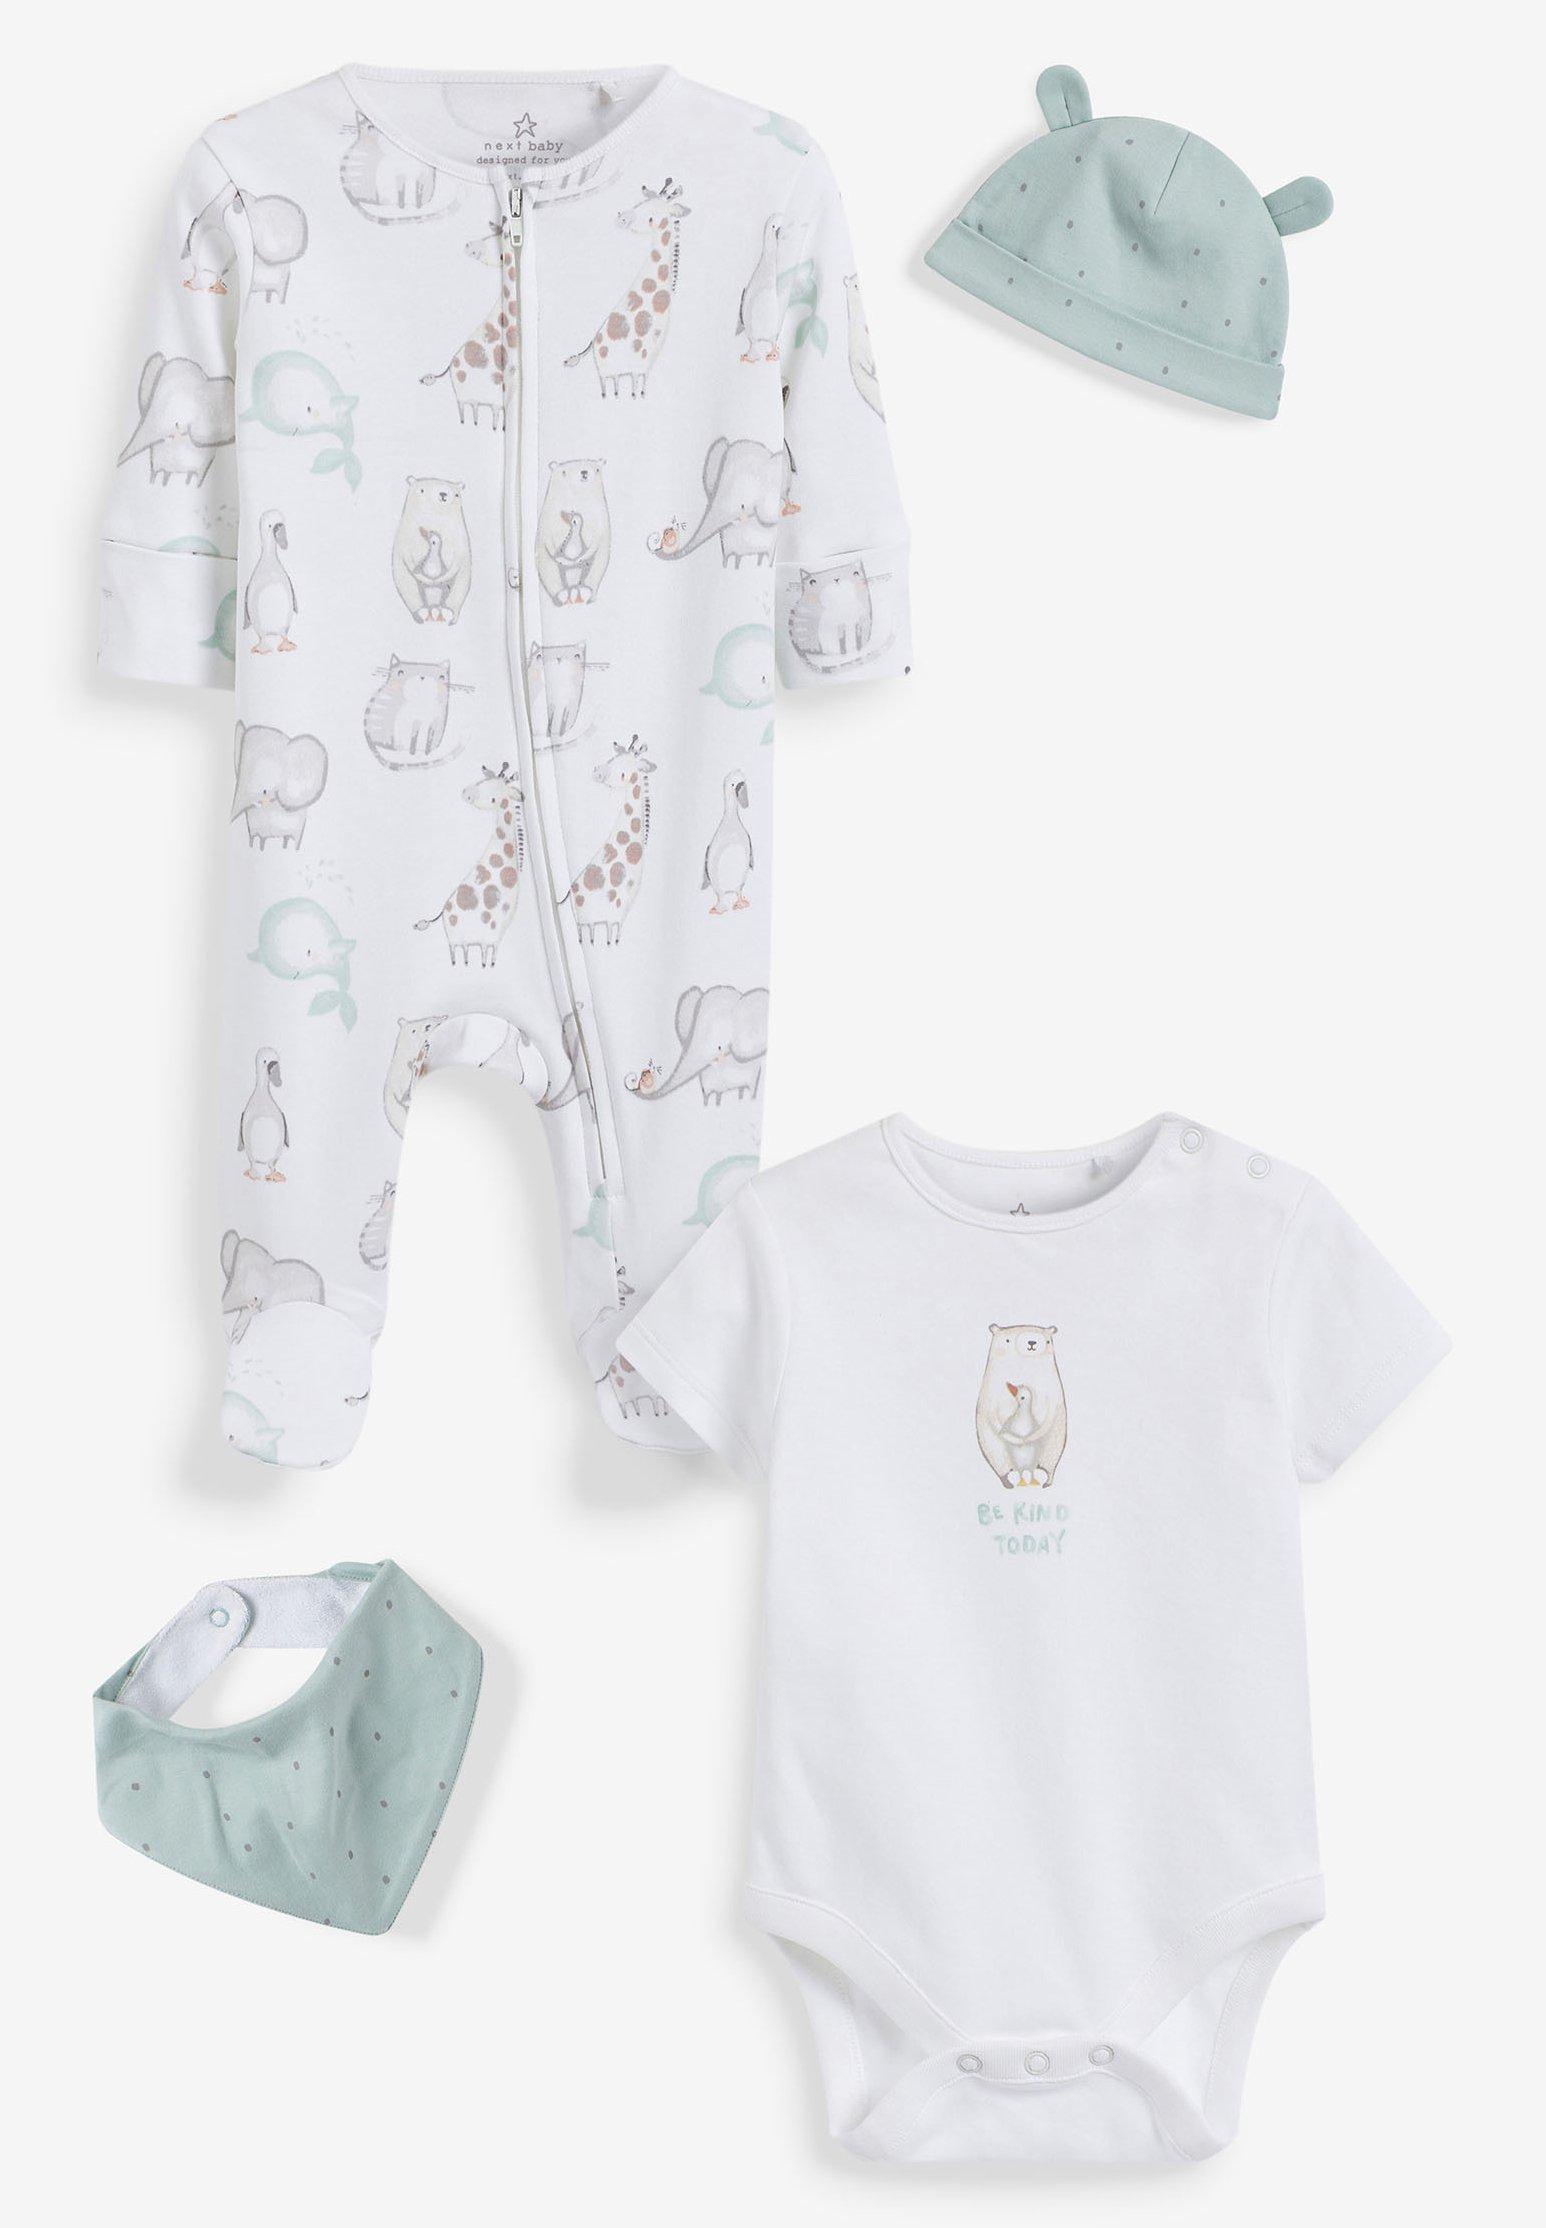 Kinder SET - Geschenk zur Geburt